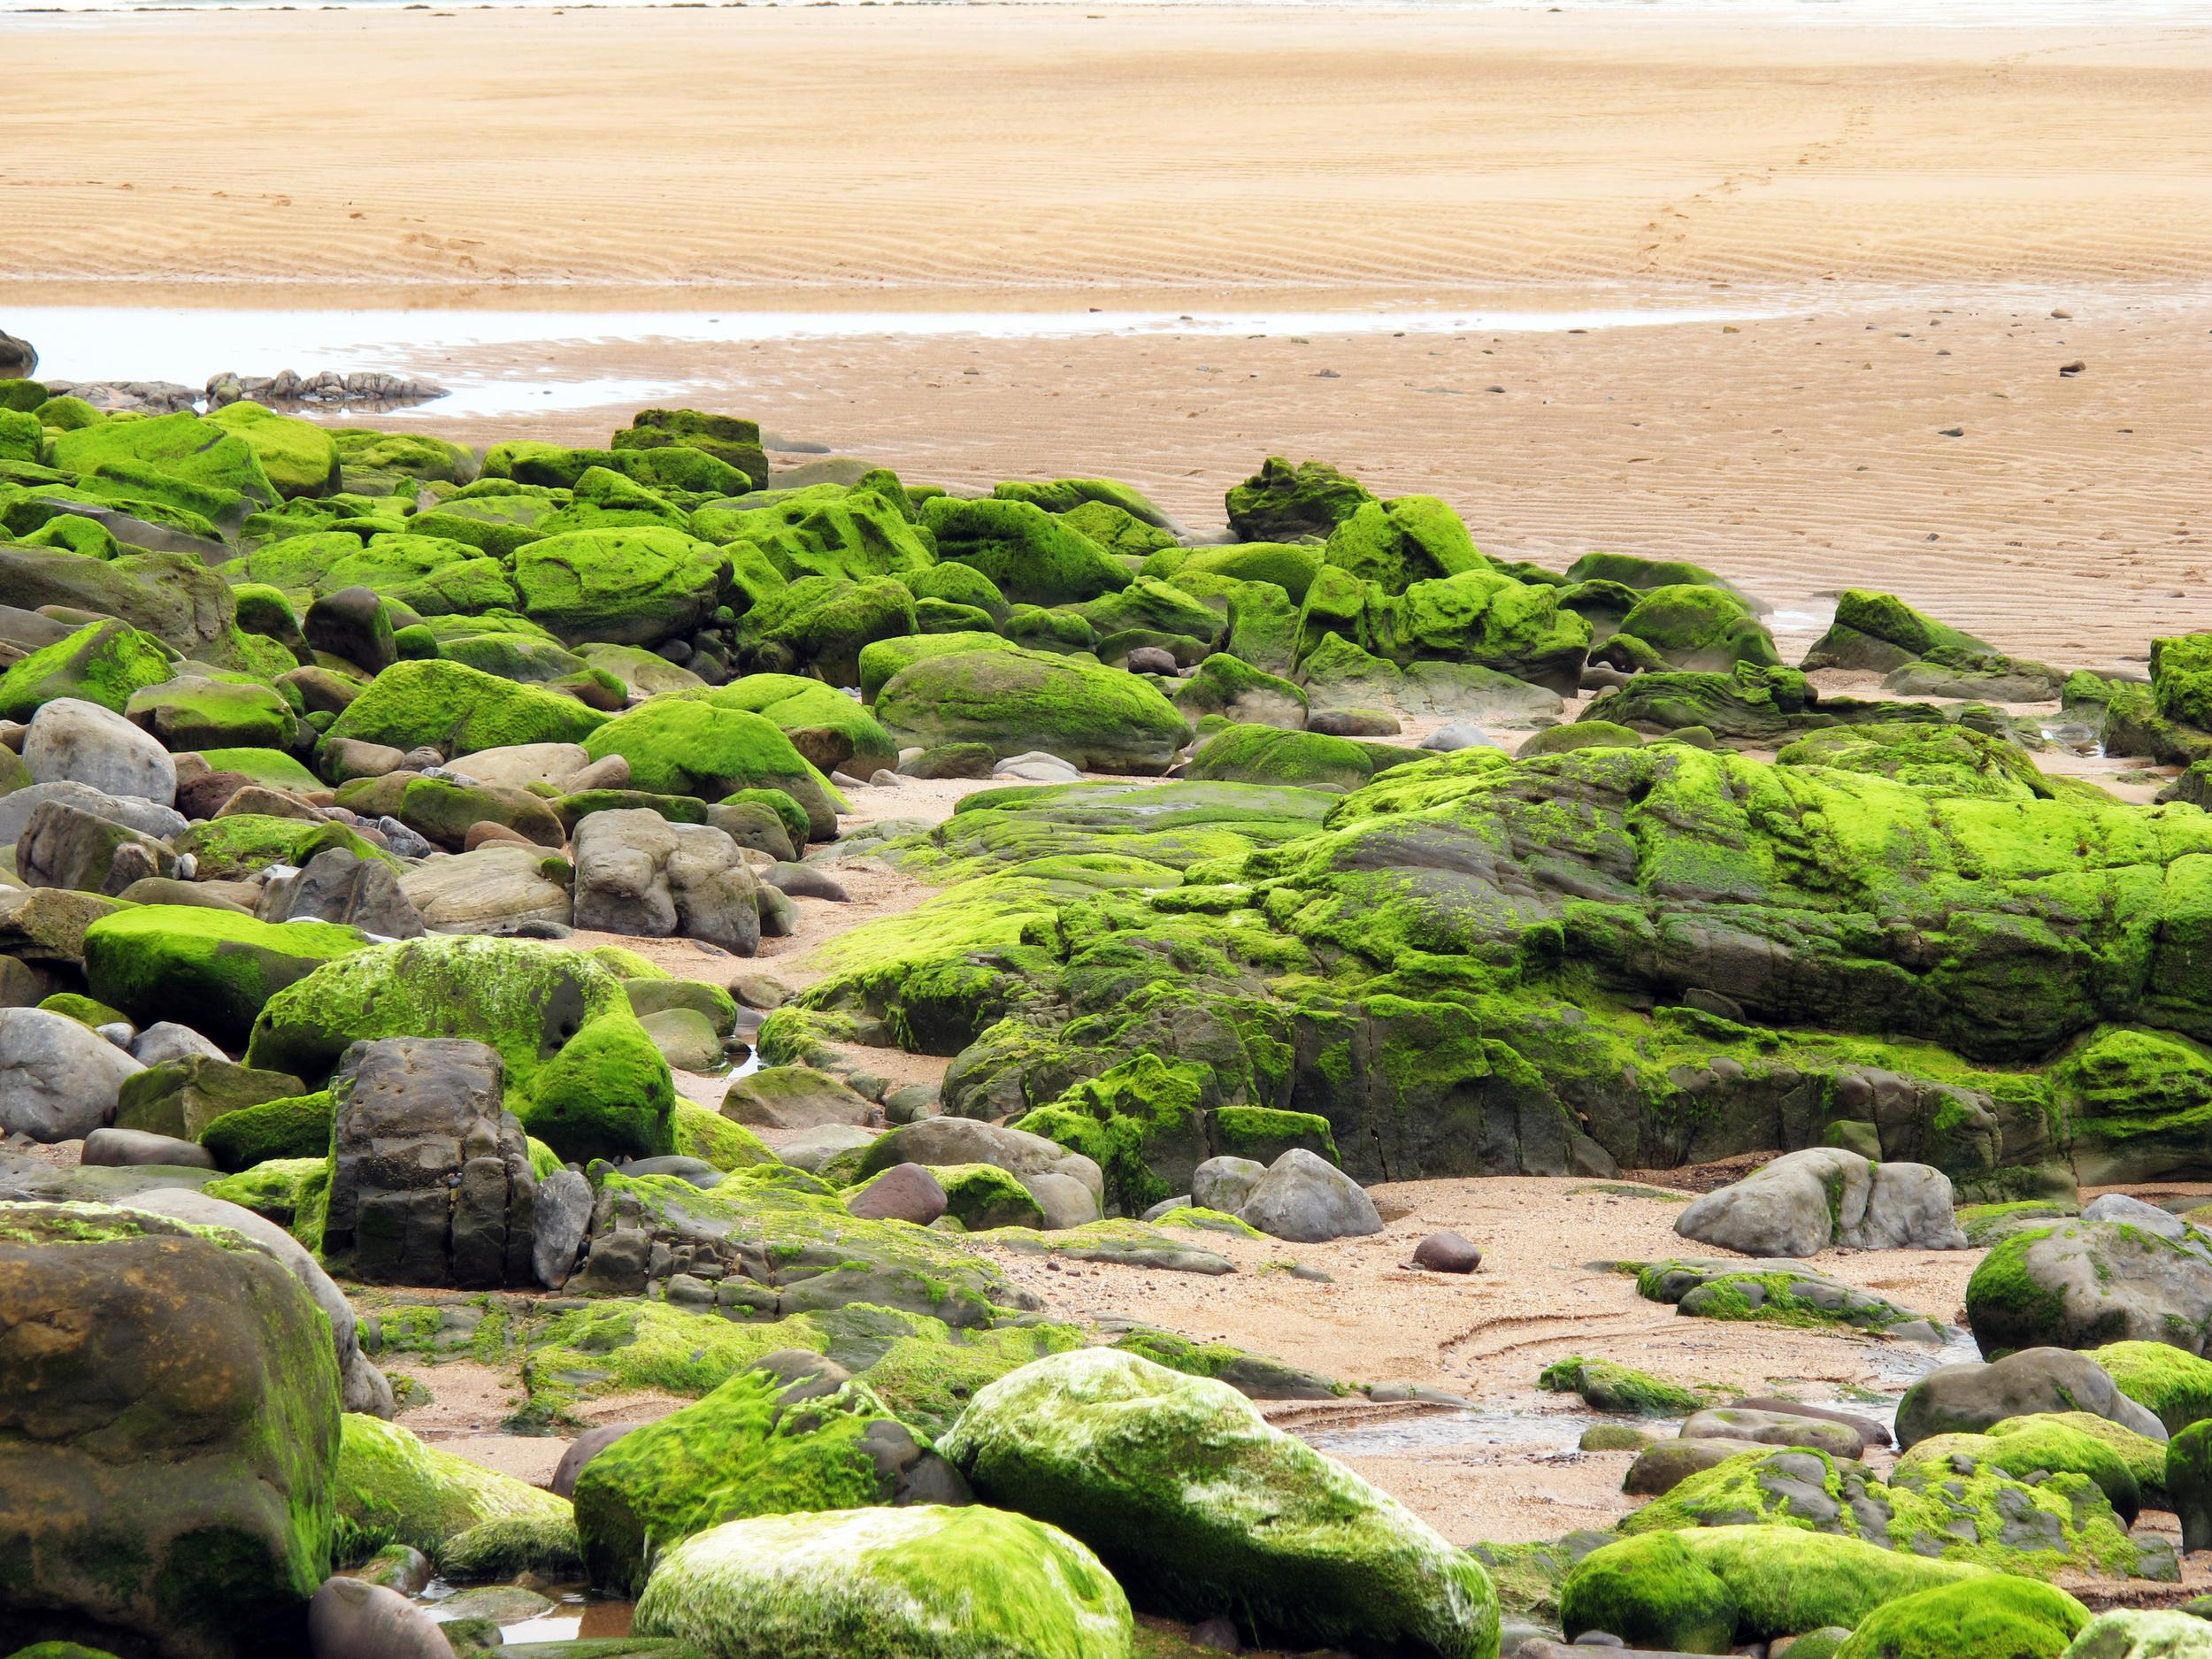 The glow of algae